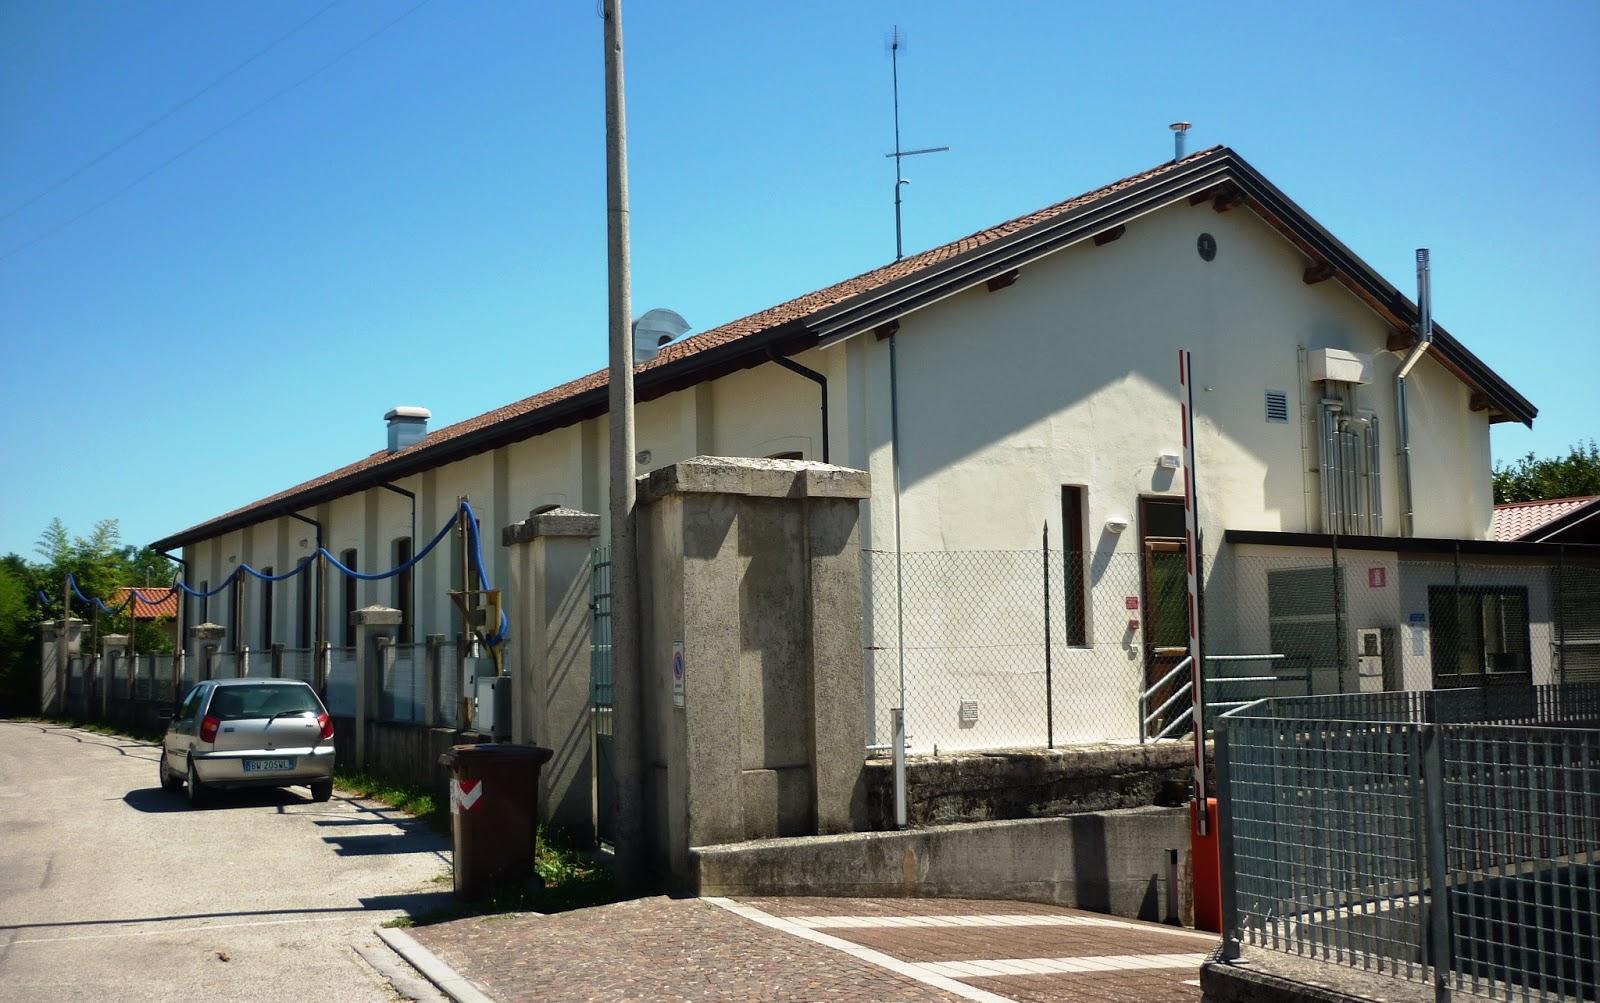 Ufficio Verde Pubblico Udine : In giro giocando zuiant a torzeon area verde marcello d olivo